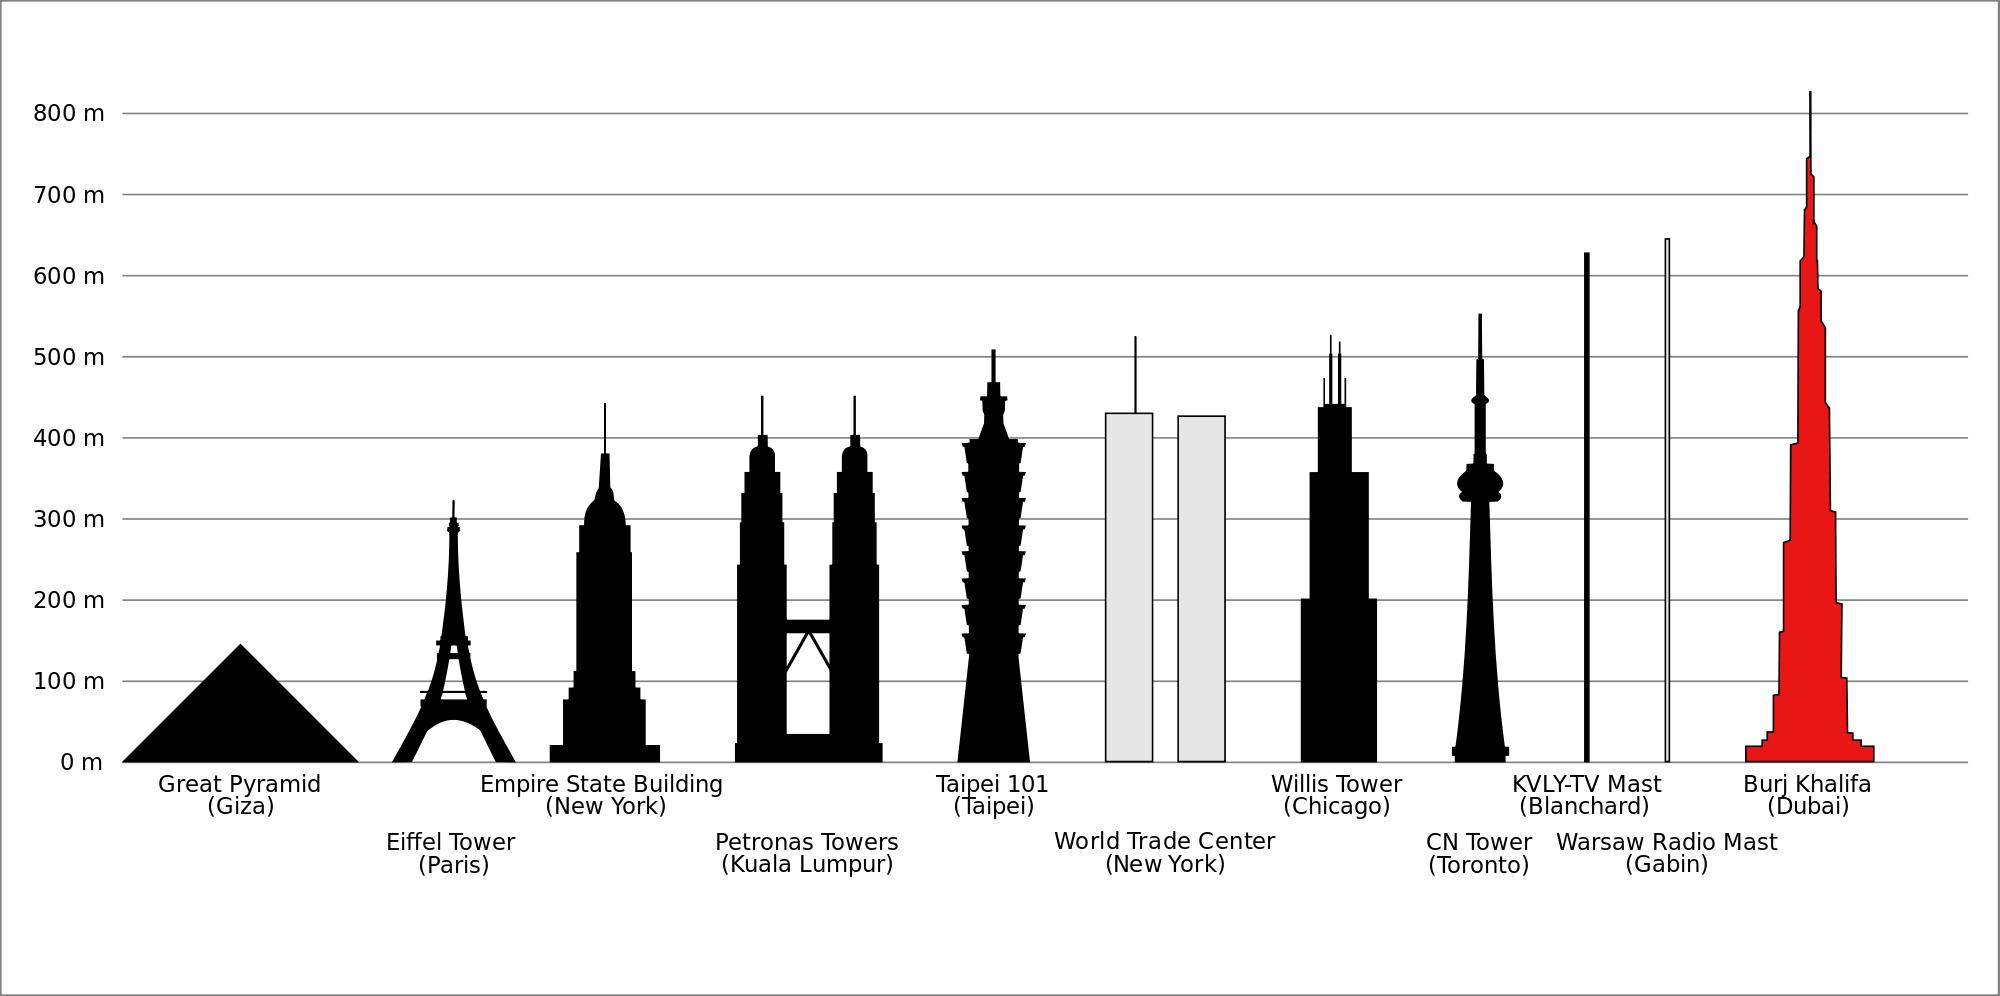 La hauteur de Burj Khalifa comparée à d'autres monuments